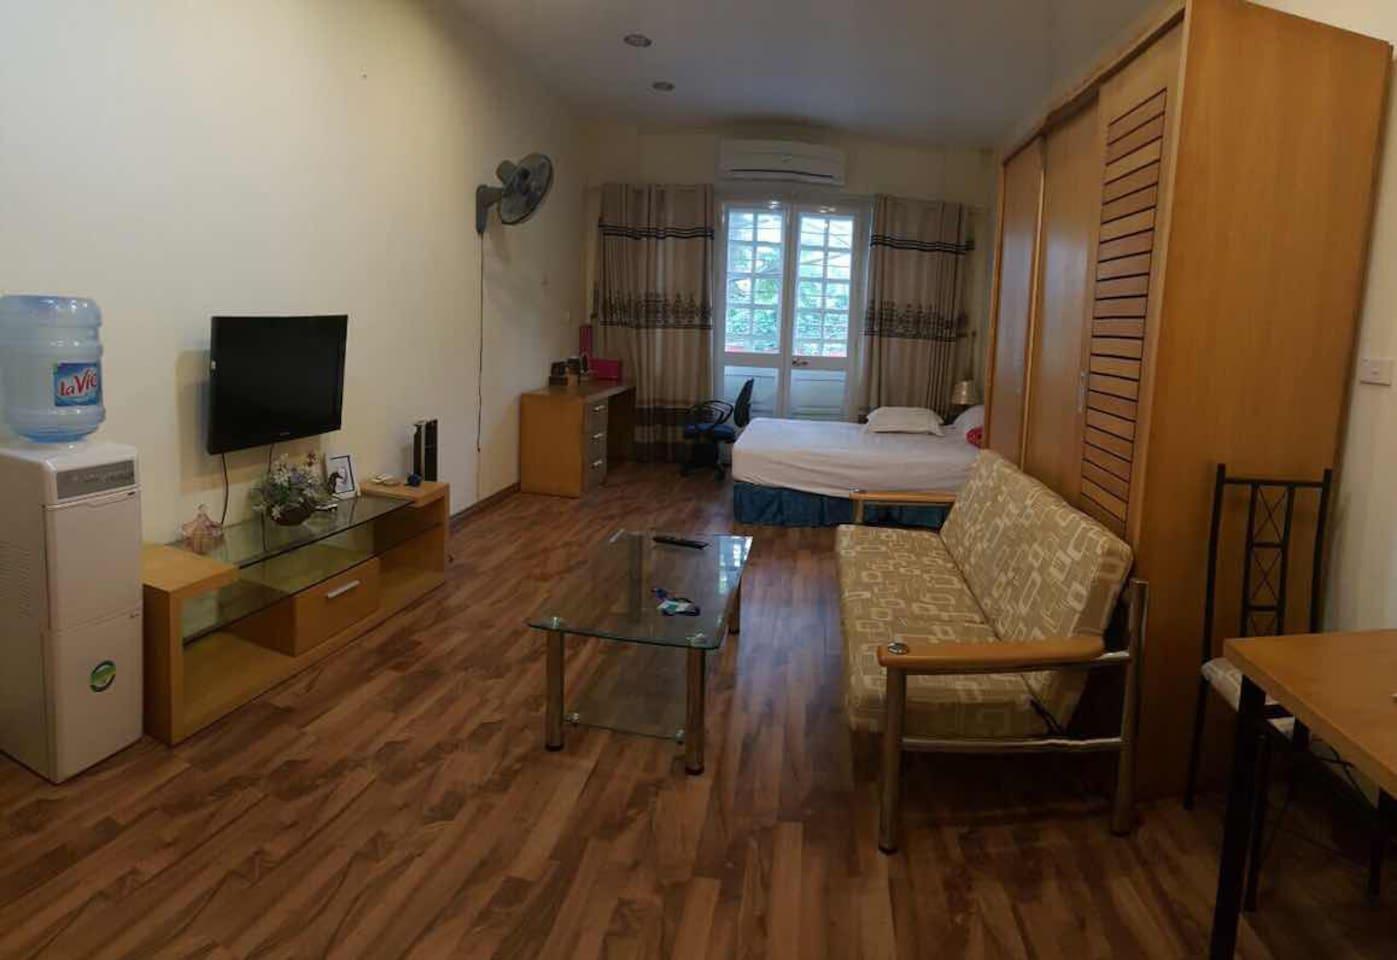 -ハノイの市内中心で有って、何処に行っても便利。部屋は凄く大きいで、綺麗です。 -大家さんは日本語ベラベラ -玄関の鍵を持たせる -掃除・洗濯サービスの有り -電気代、水道代、インターネット代は家賃に含まれる 値段:42m2- 800$・1ヶ月 28m2-500$・1ヶ月 -3ヶ月から借りられる